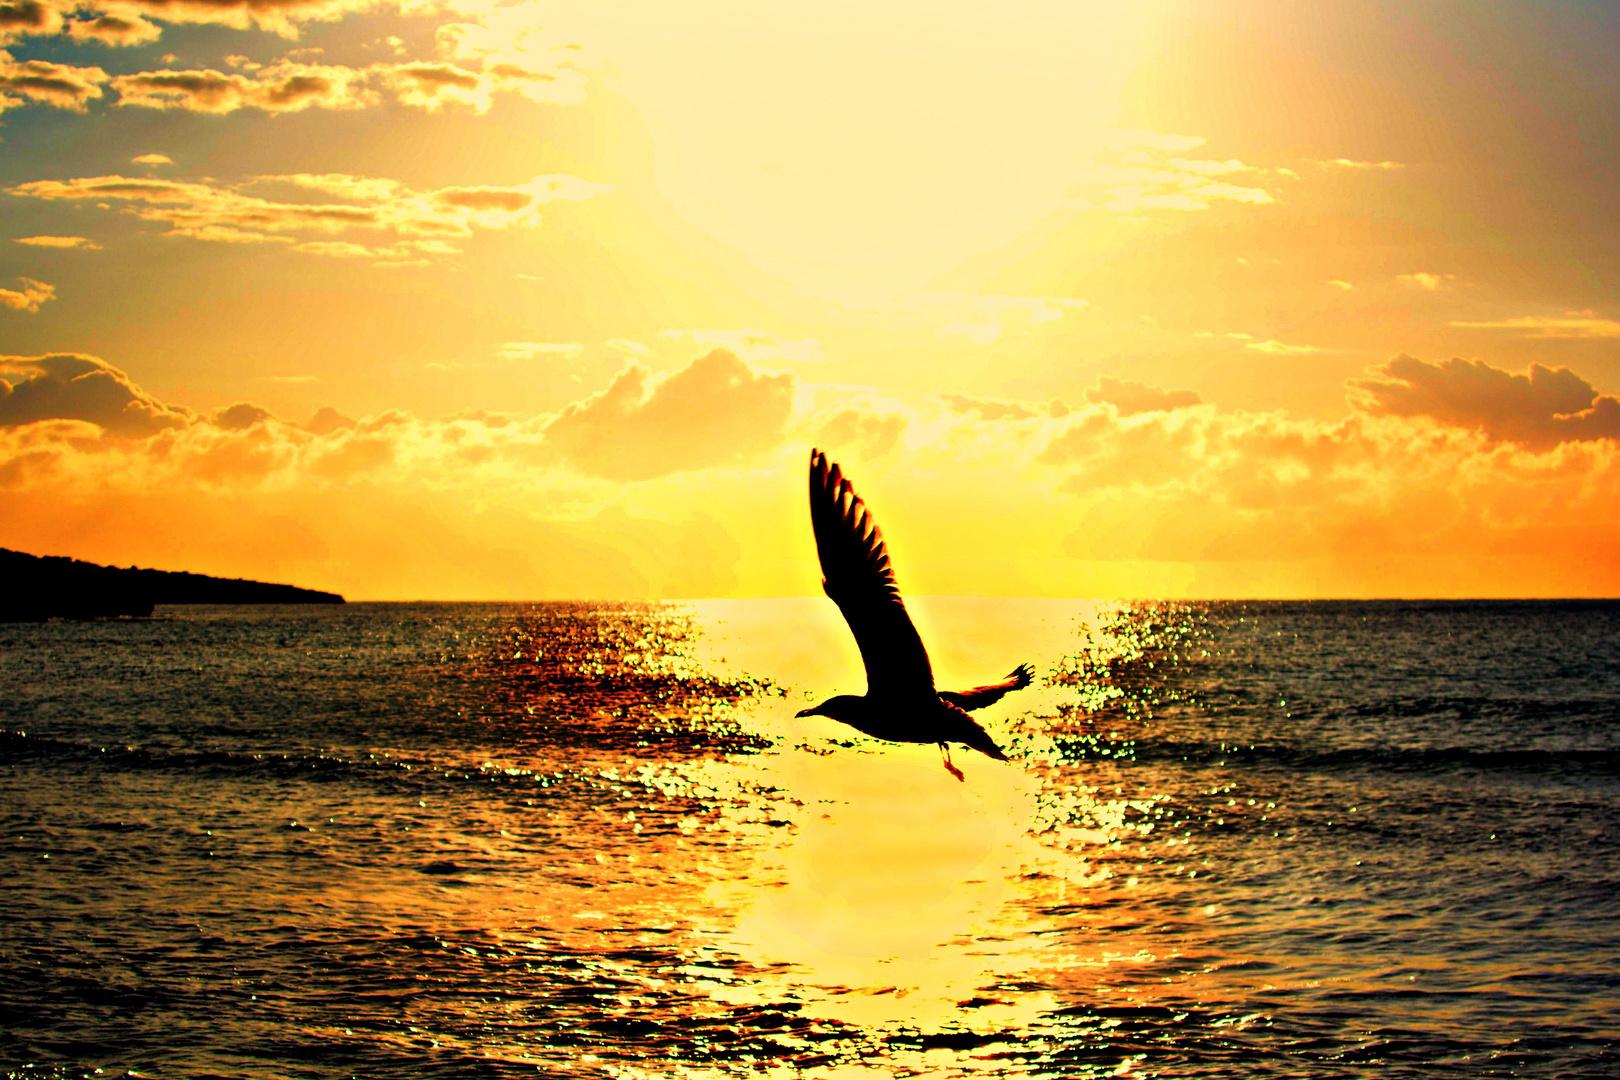 Möve fliegt zur Sonne